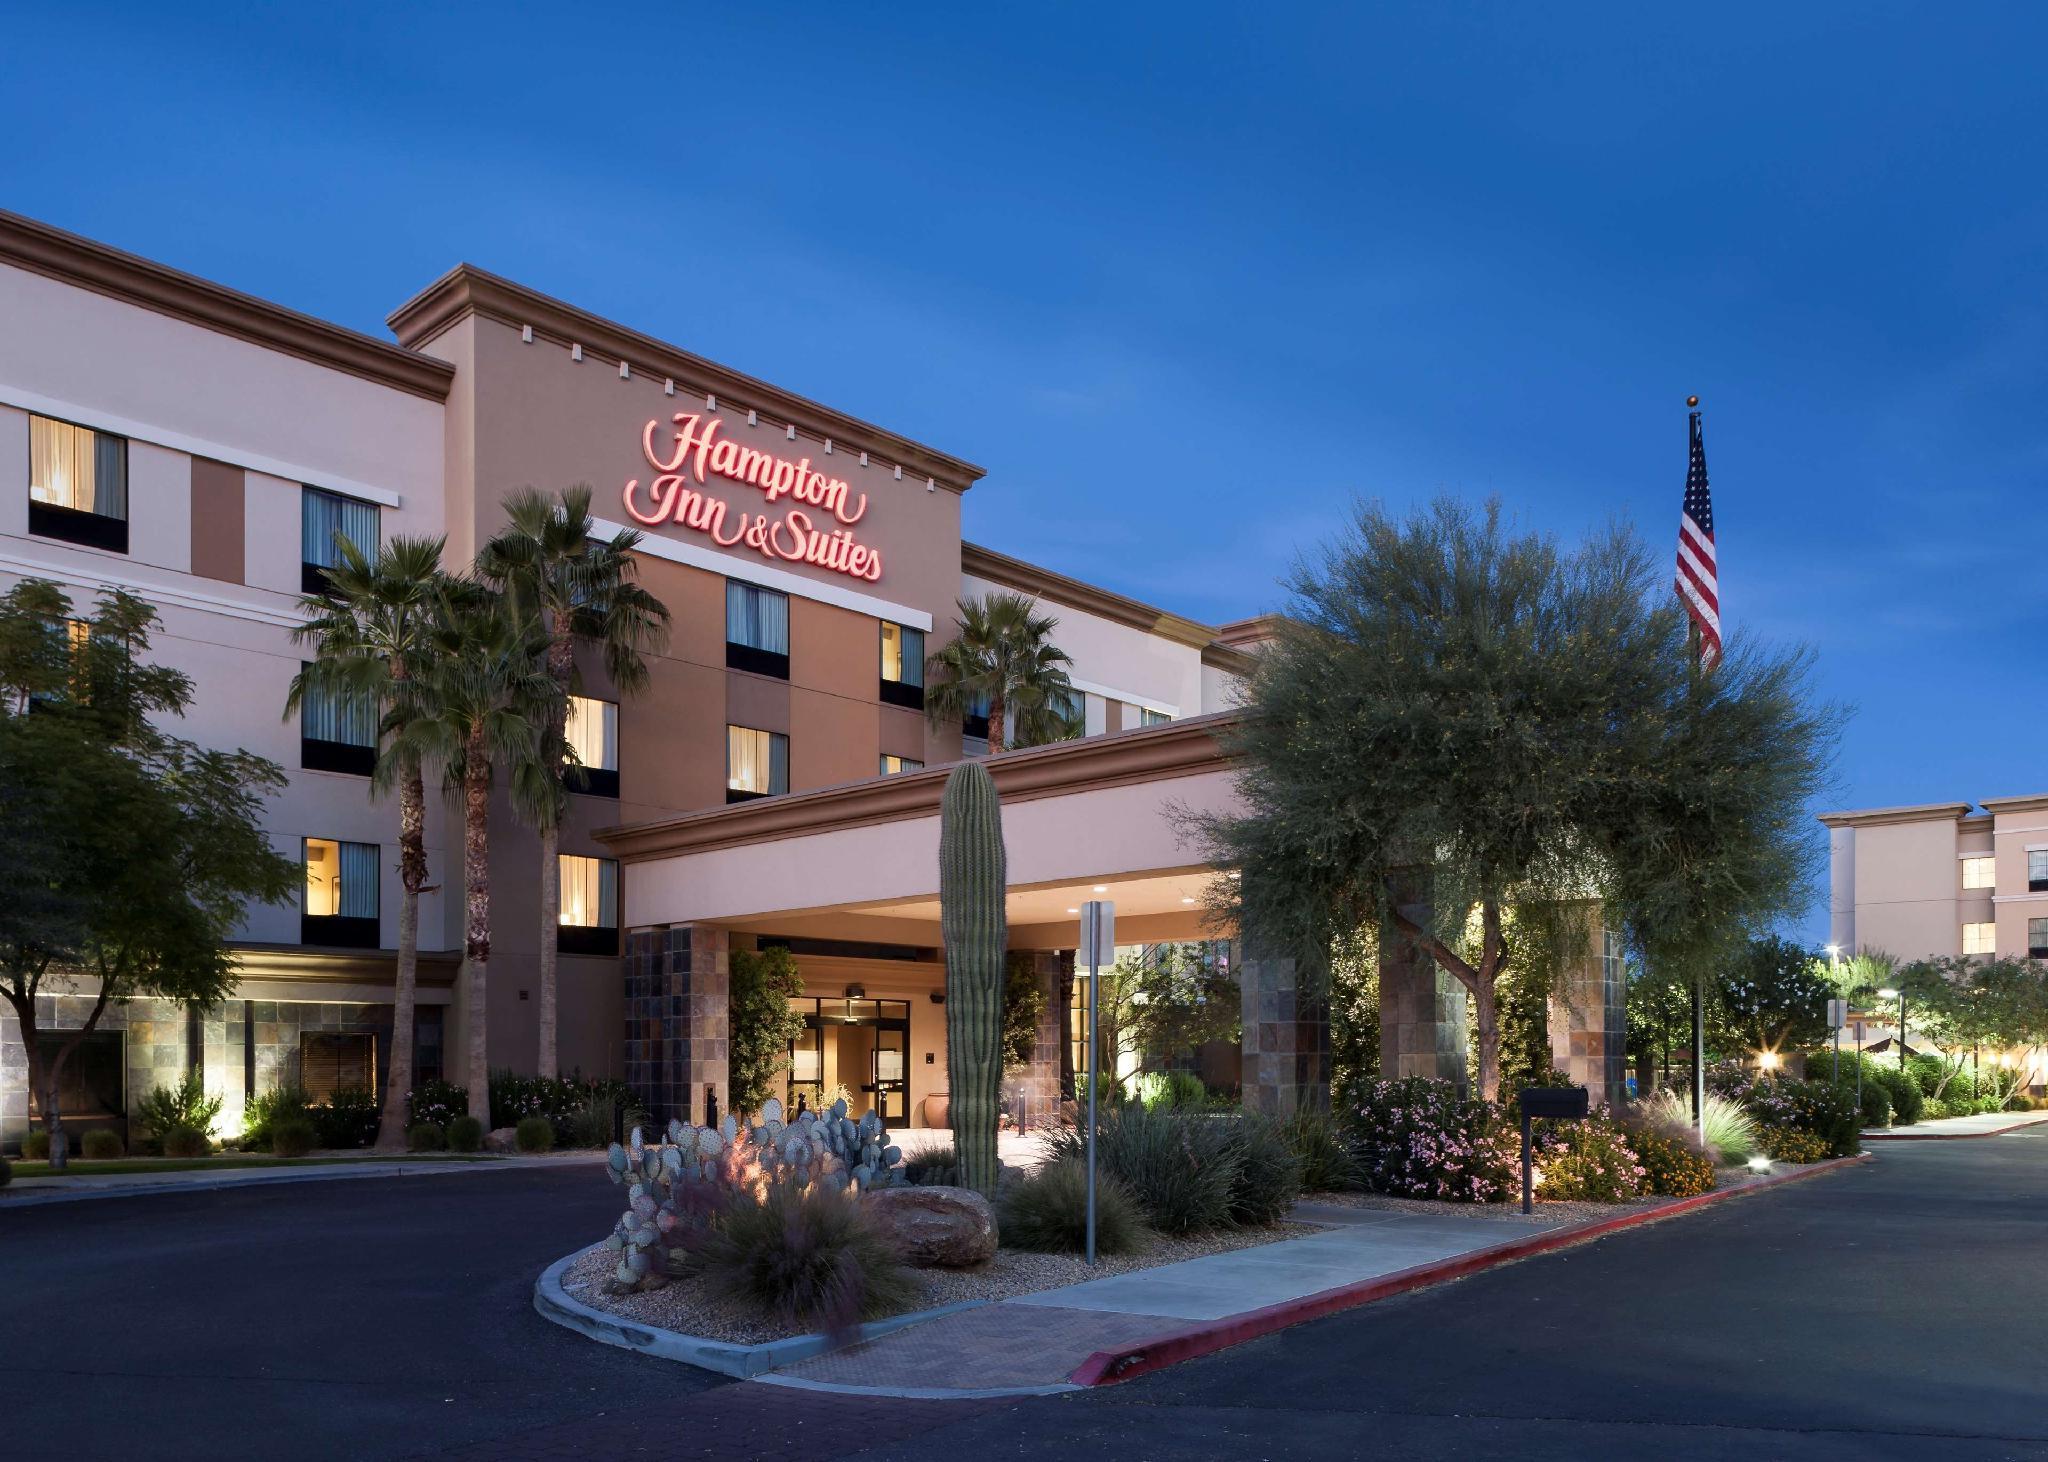 Hampton Inn And Suites Phoenix I 17 Happy Valley